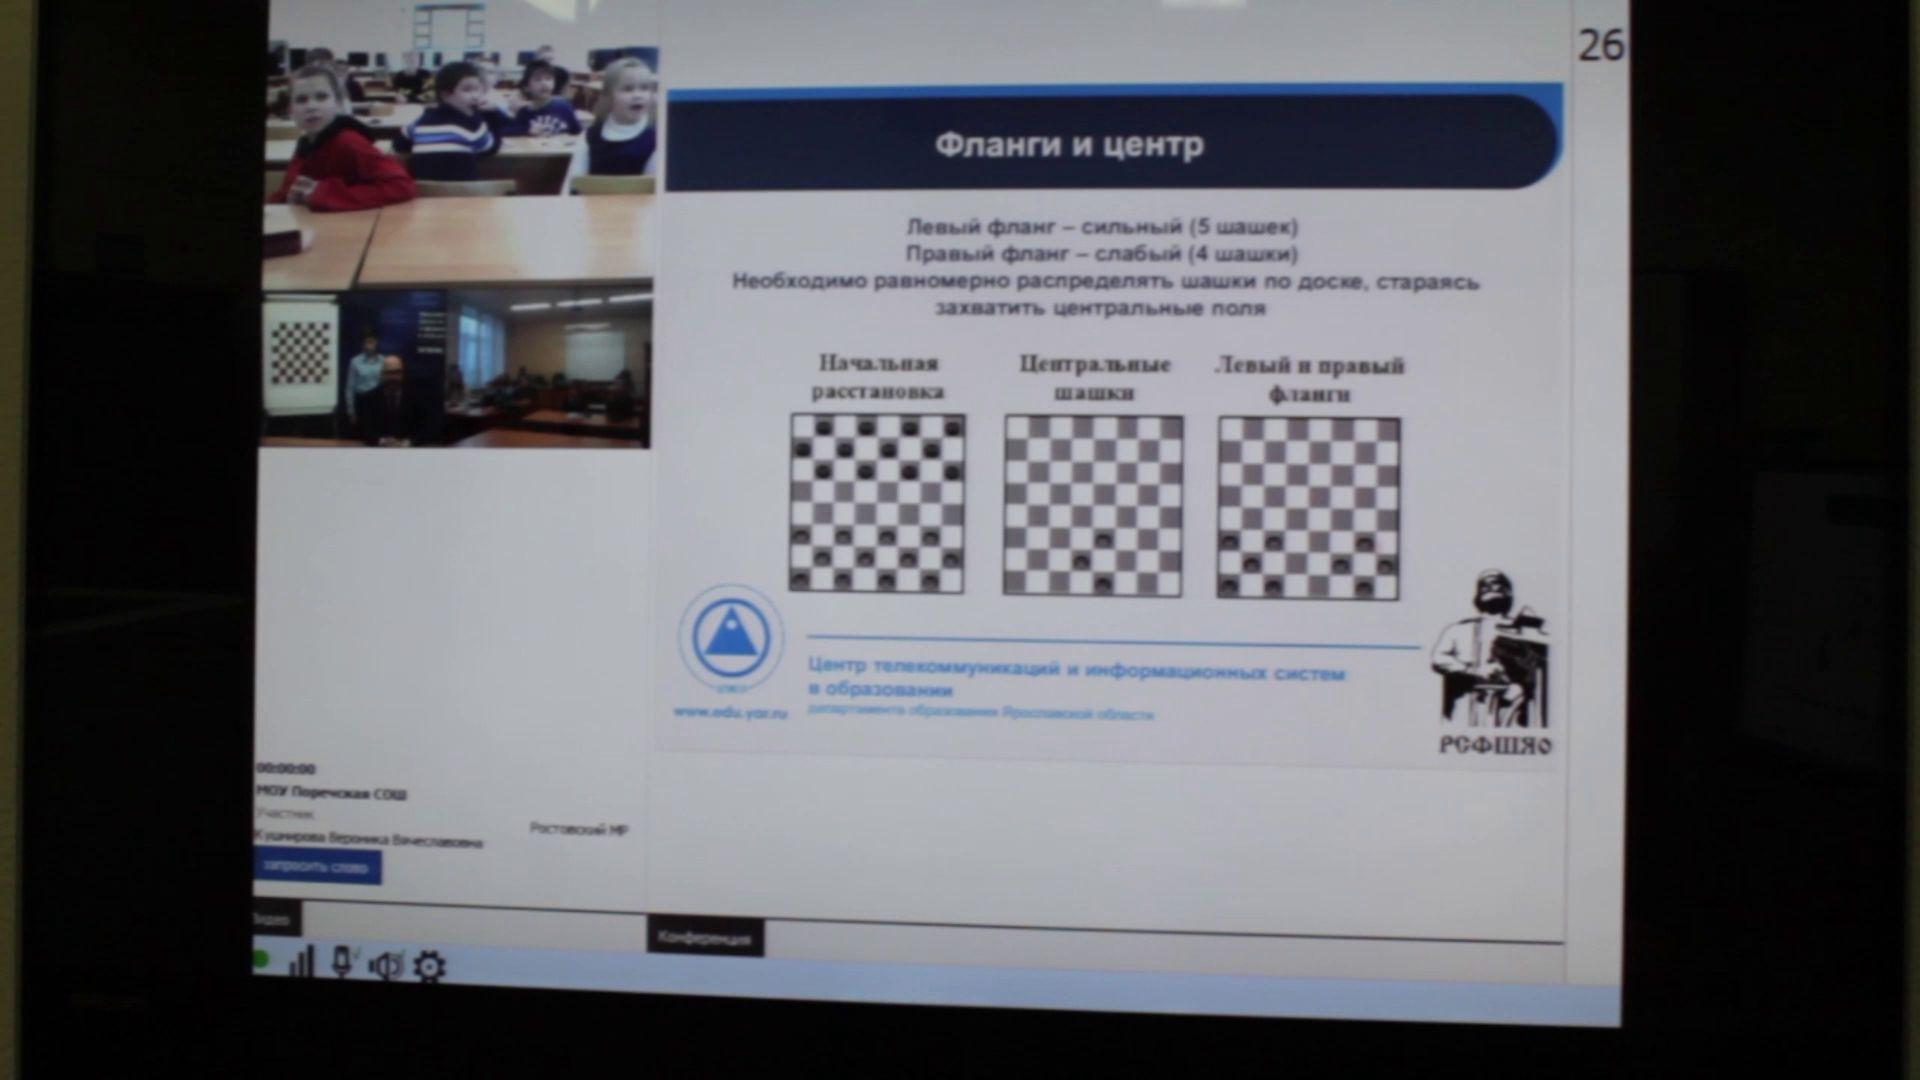 В Ярославле международный гроссмейстер провел первое занятие в рамках проекта «Шашечный всеобуч»